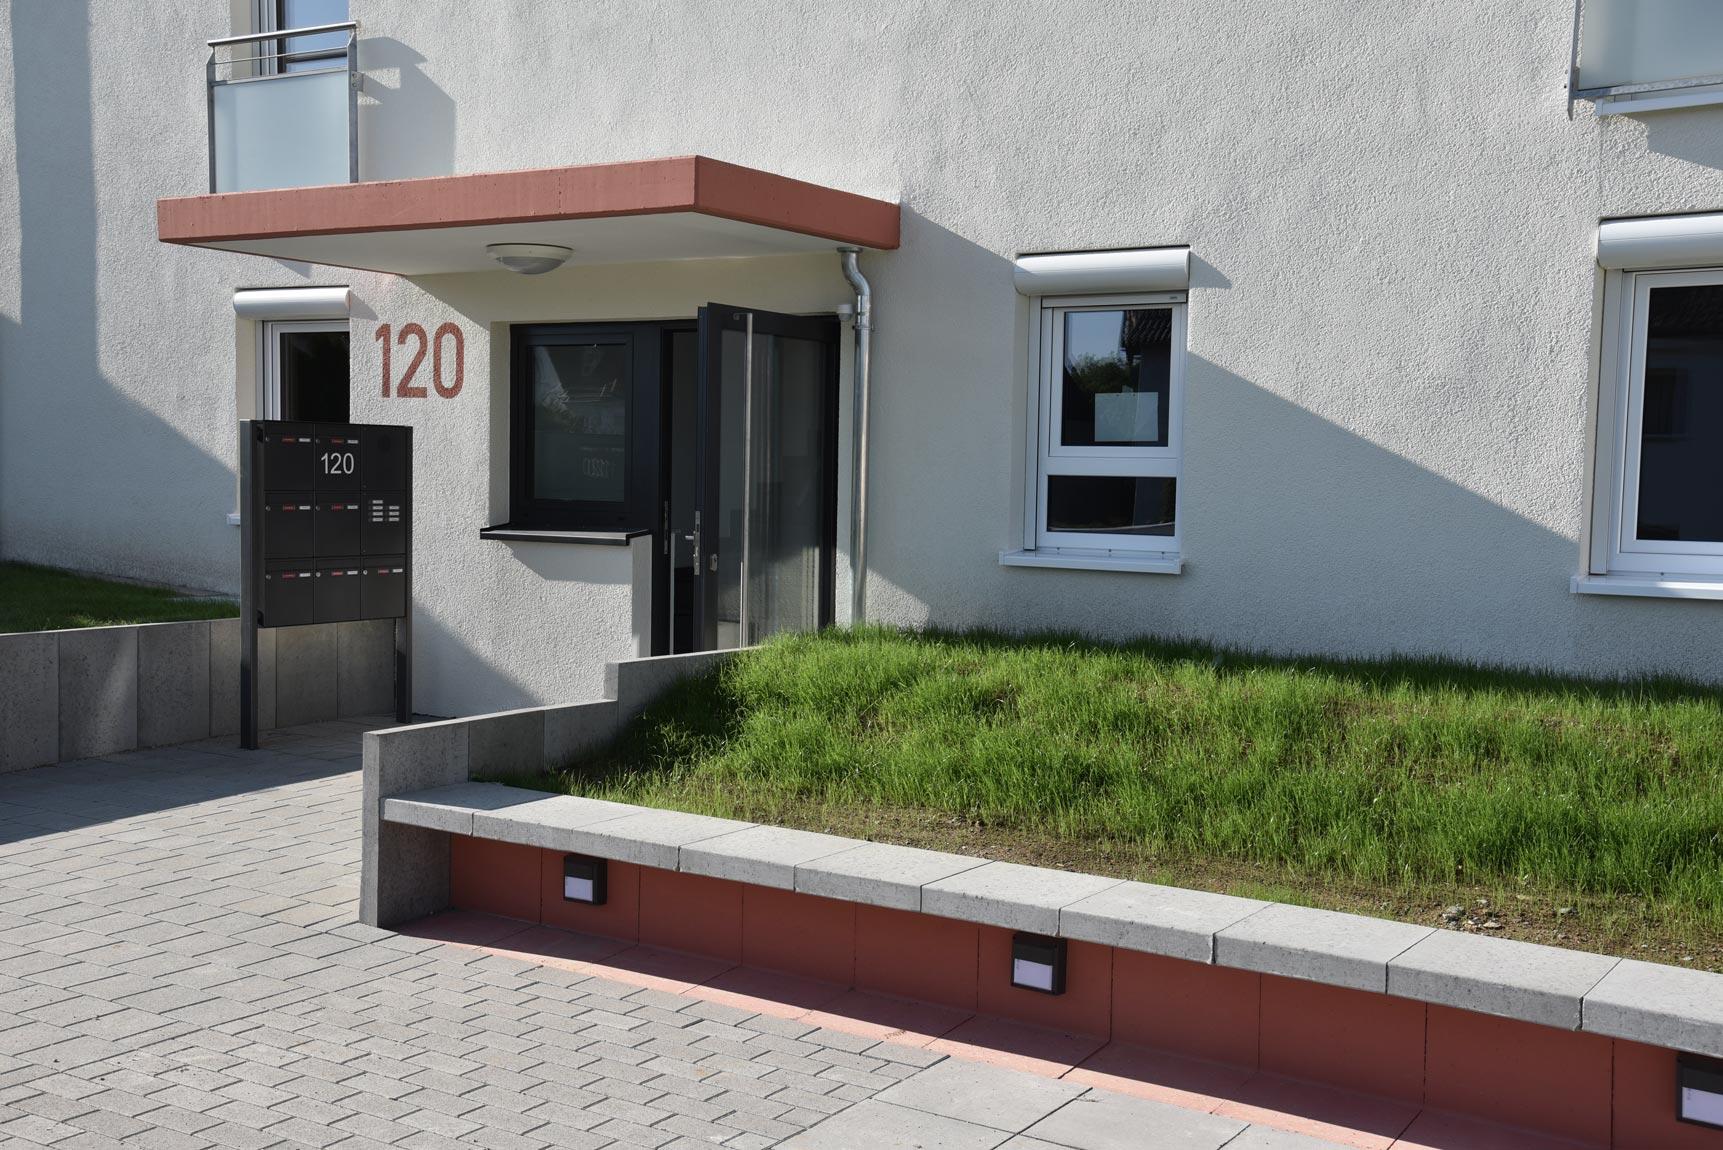 Eingang 120